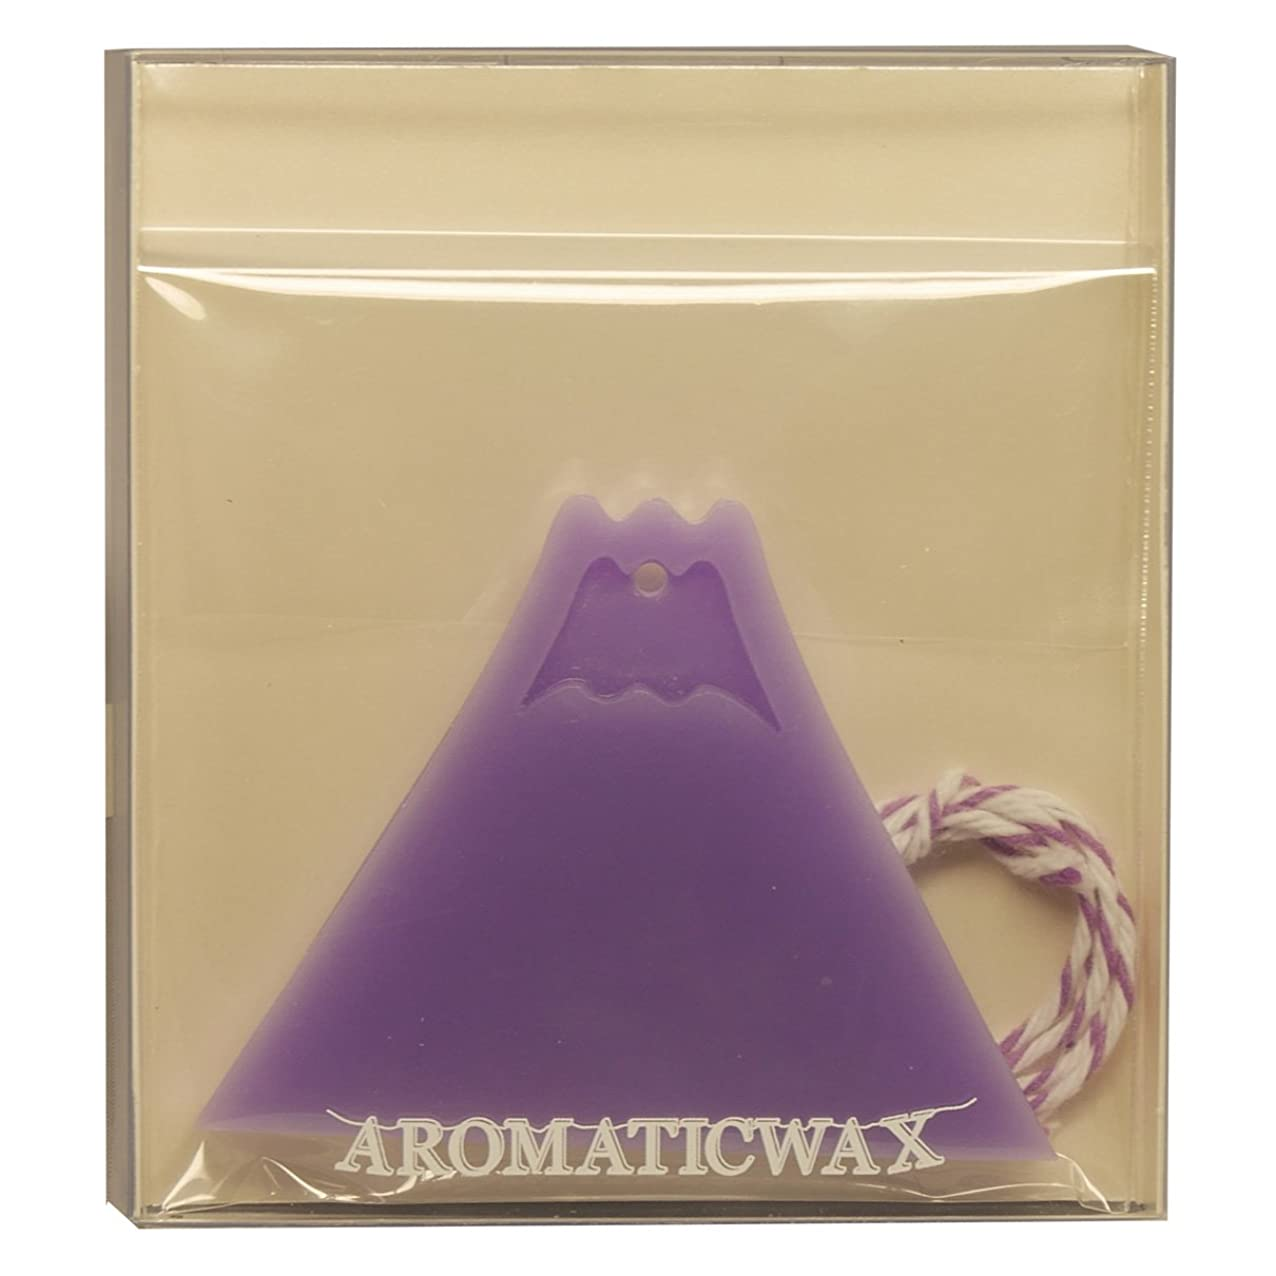 畝間揺れるテラスGRASSE TOKYO AROMATICWAXチャーム「富士山」(PU) ラベンダー アロマティックワックス グラーストウキョウ